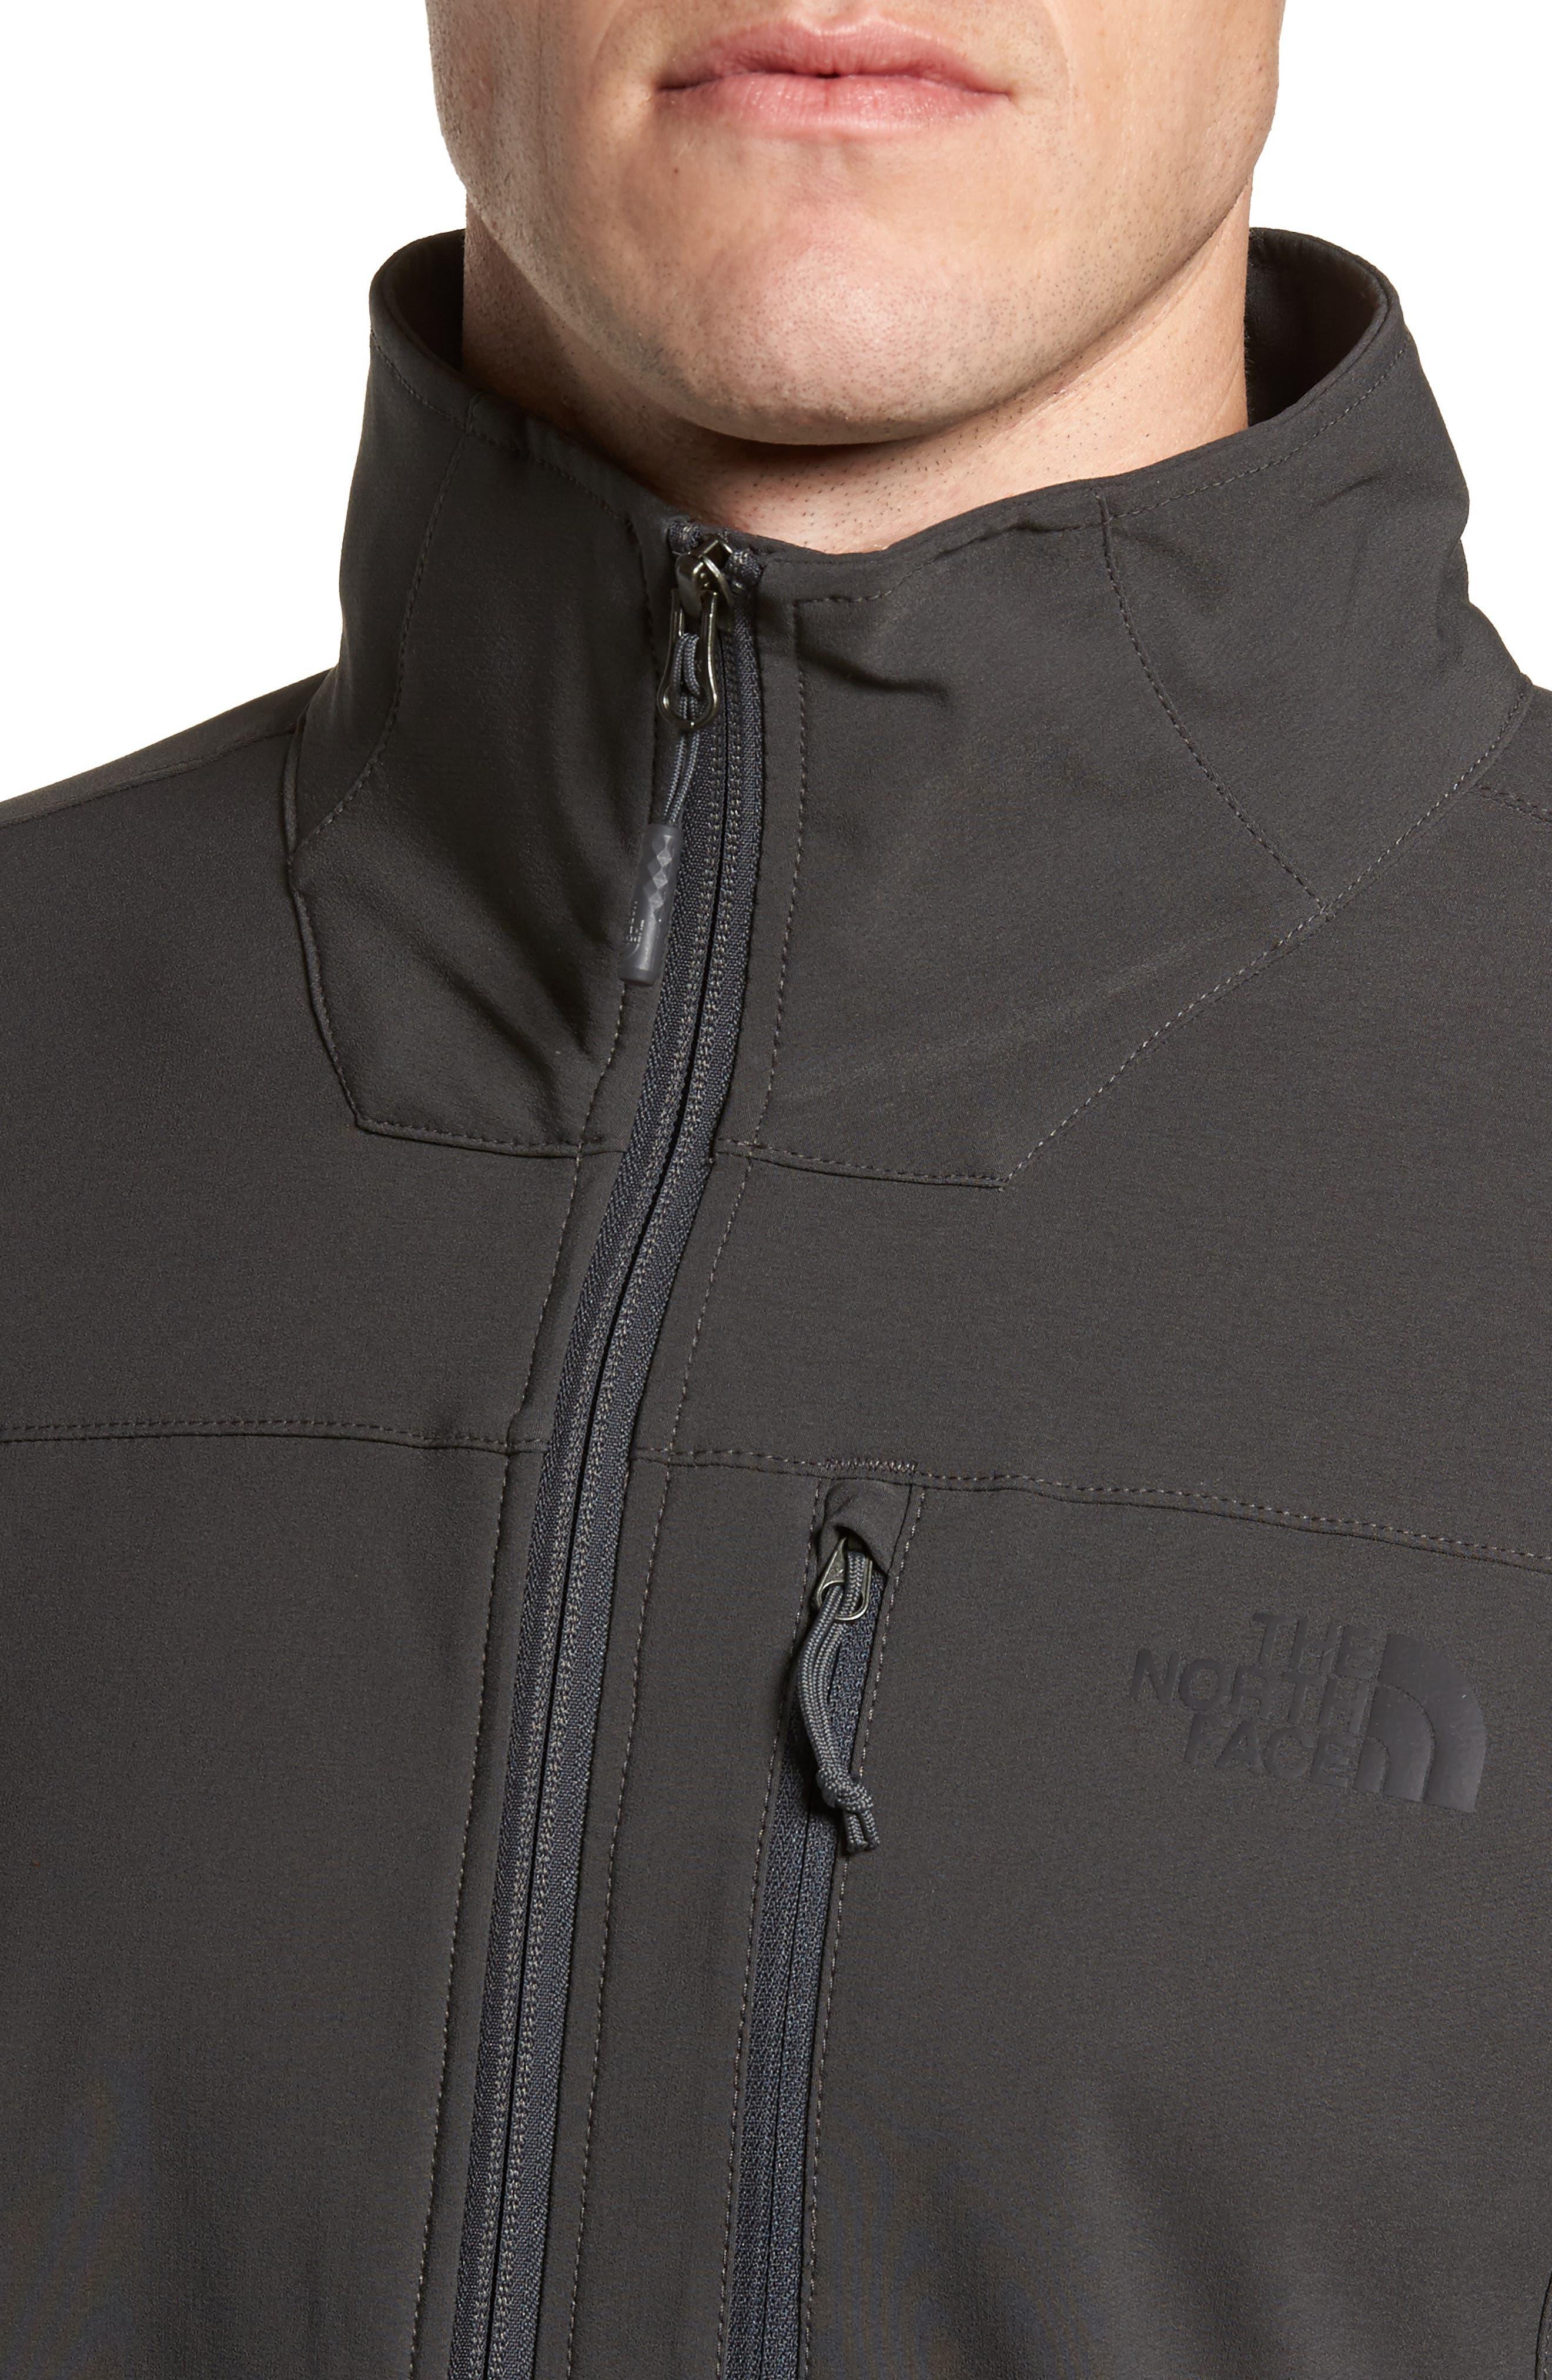 Apex Nimble Jacket,                             Alternate thumbnail 4, color,                             Asphalt Grey/ Asphalt Grey